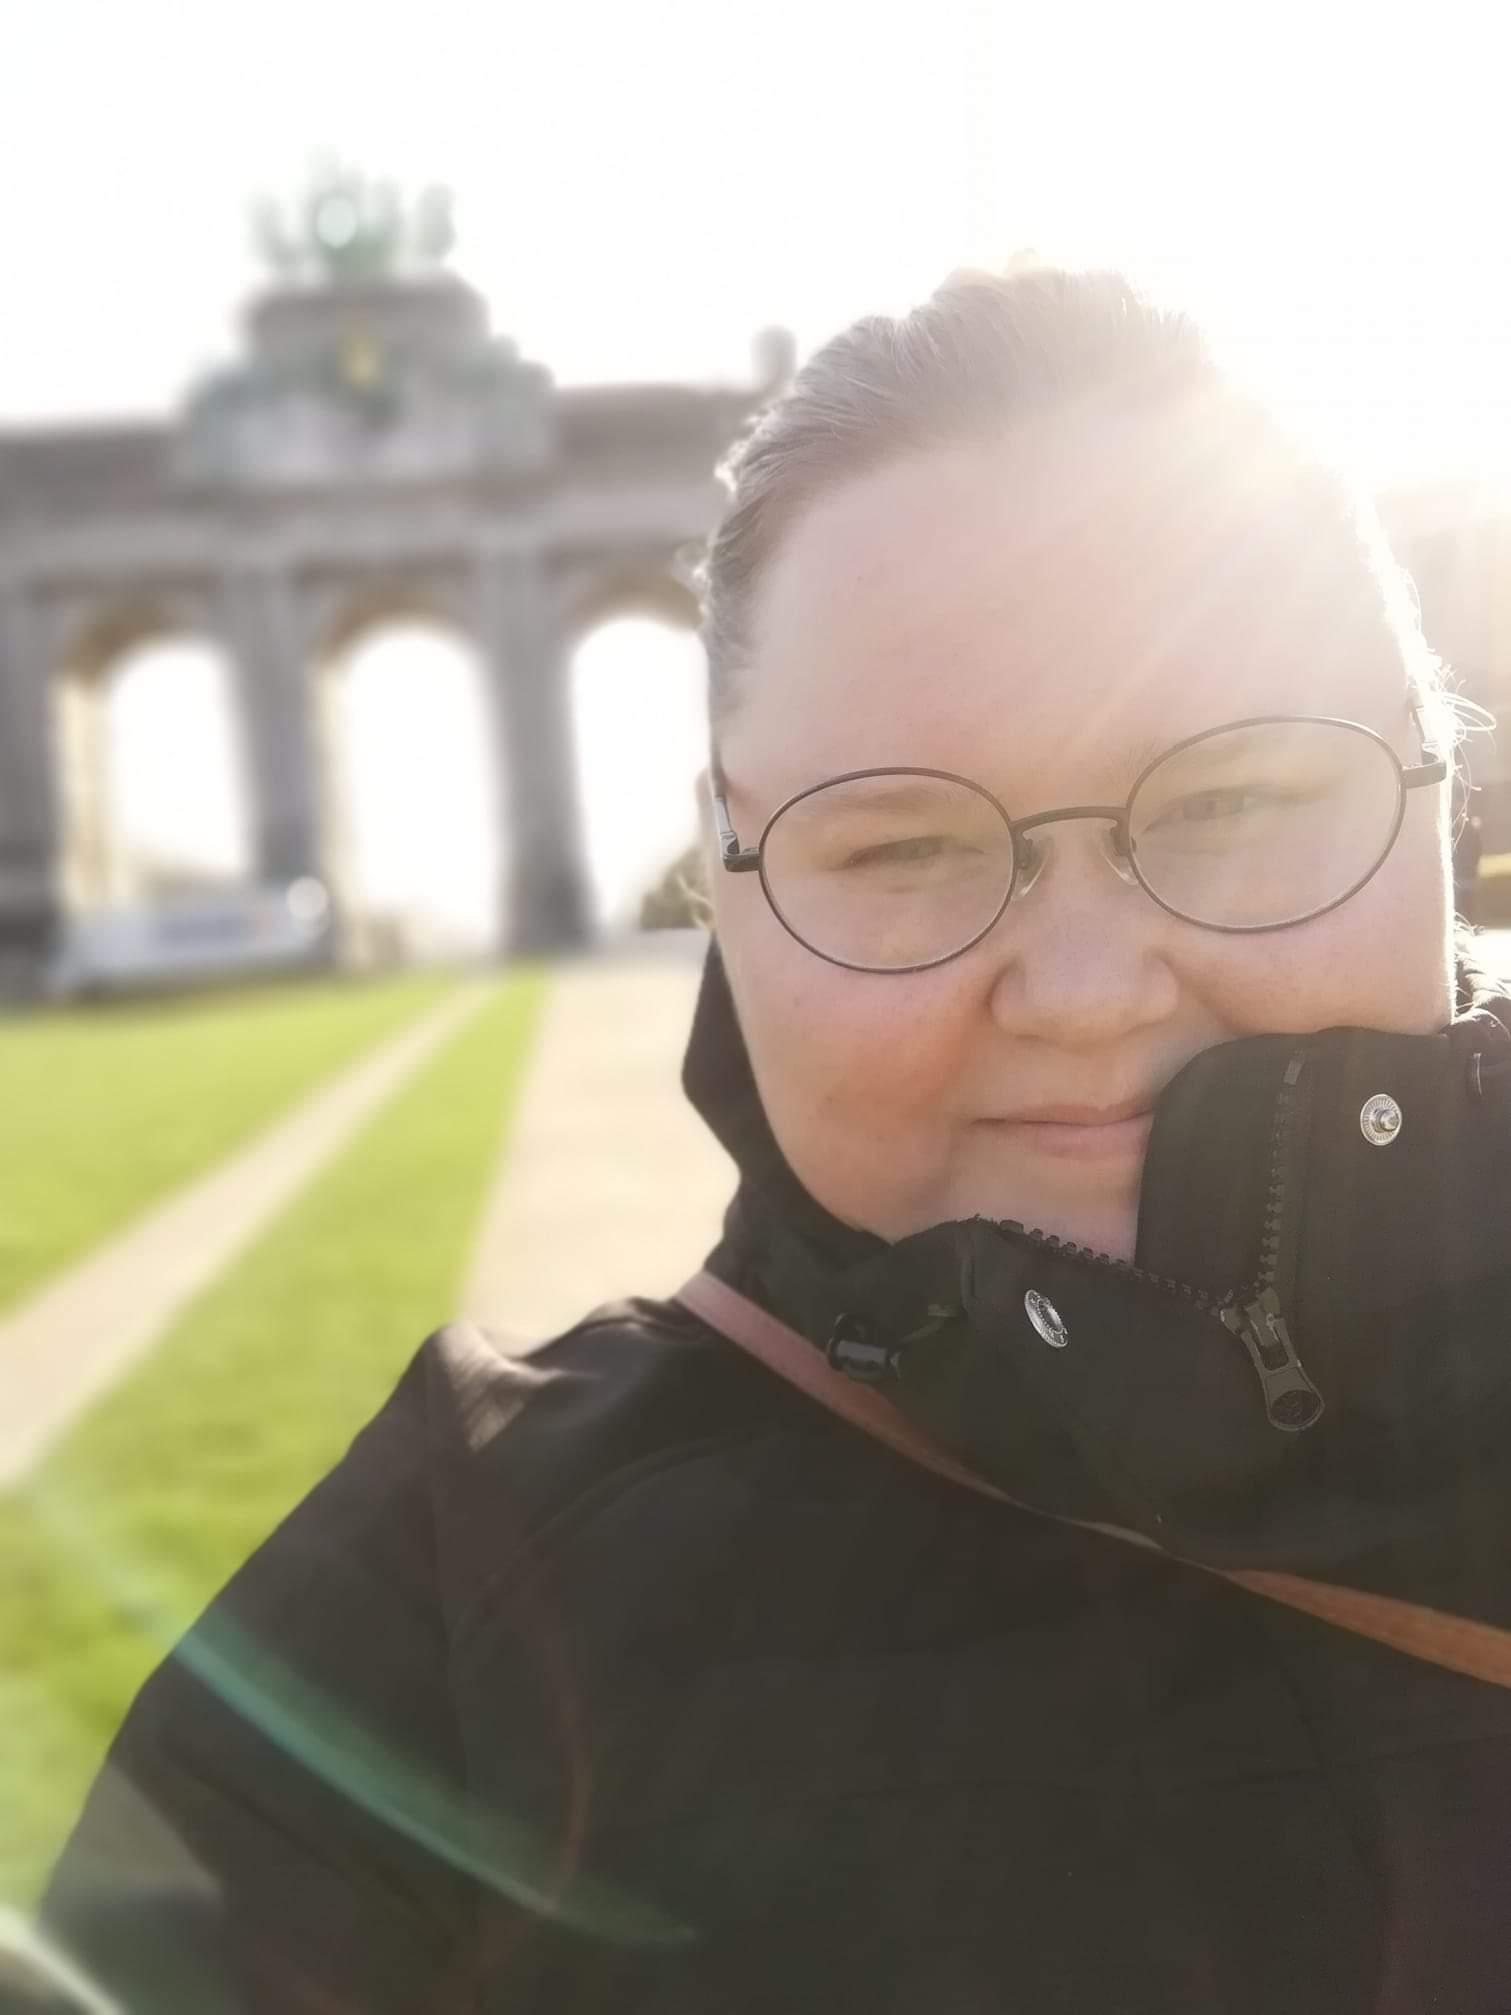 Selfiessä Fanni-Laura Mäntylä hymyilee. Häikäisevä auringonvalo hehkuu hänen hiuksissaan.